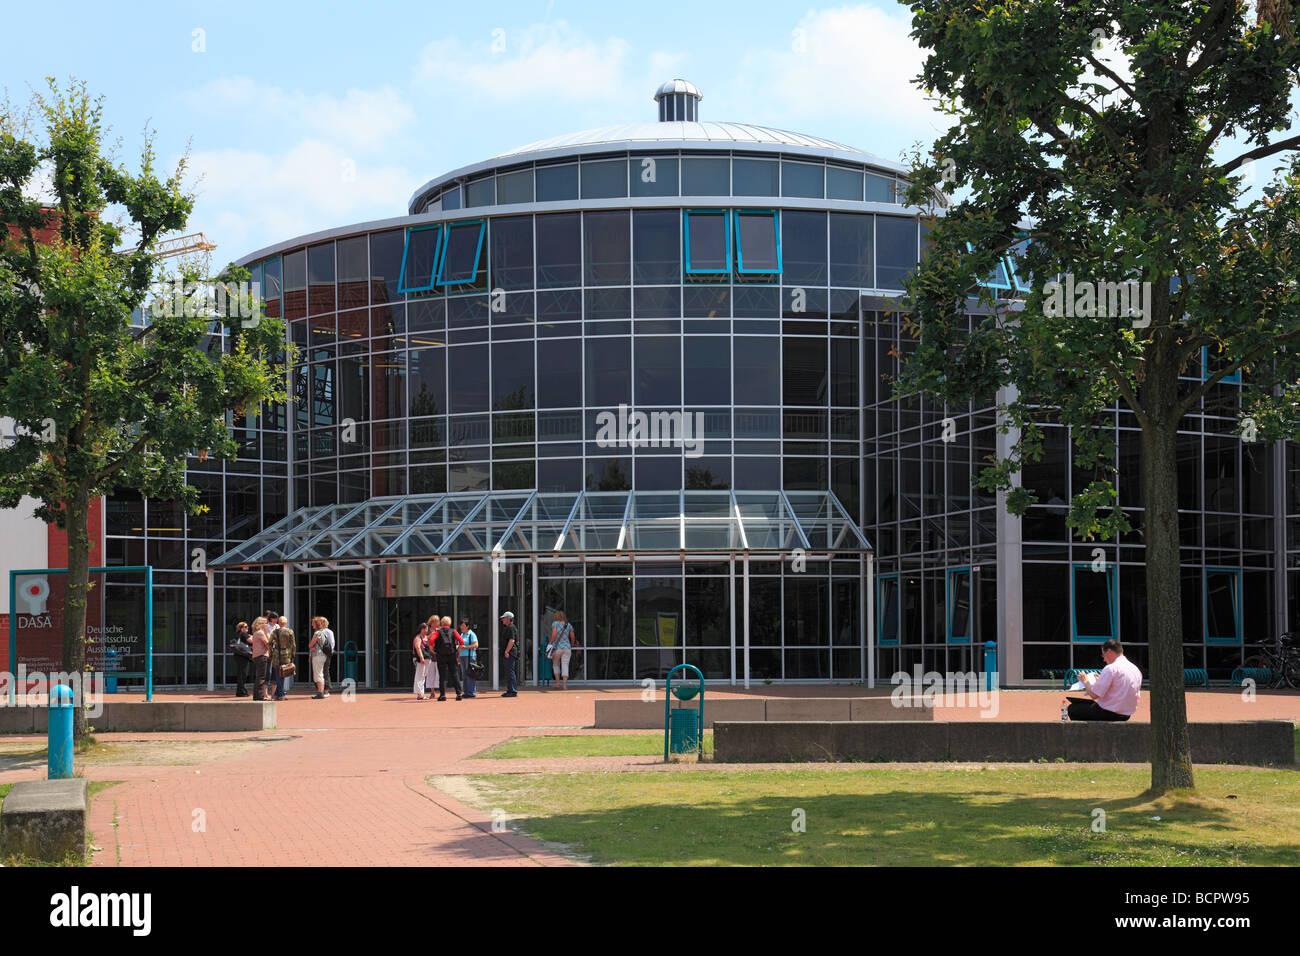 Route der Industriekultur, DASA, Haupteingang der Deutschen Arbeitsschutzausstellung in Dortmund-Dorstfeld, Ruhrgebiet, Stock Photo